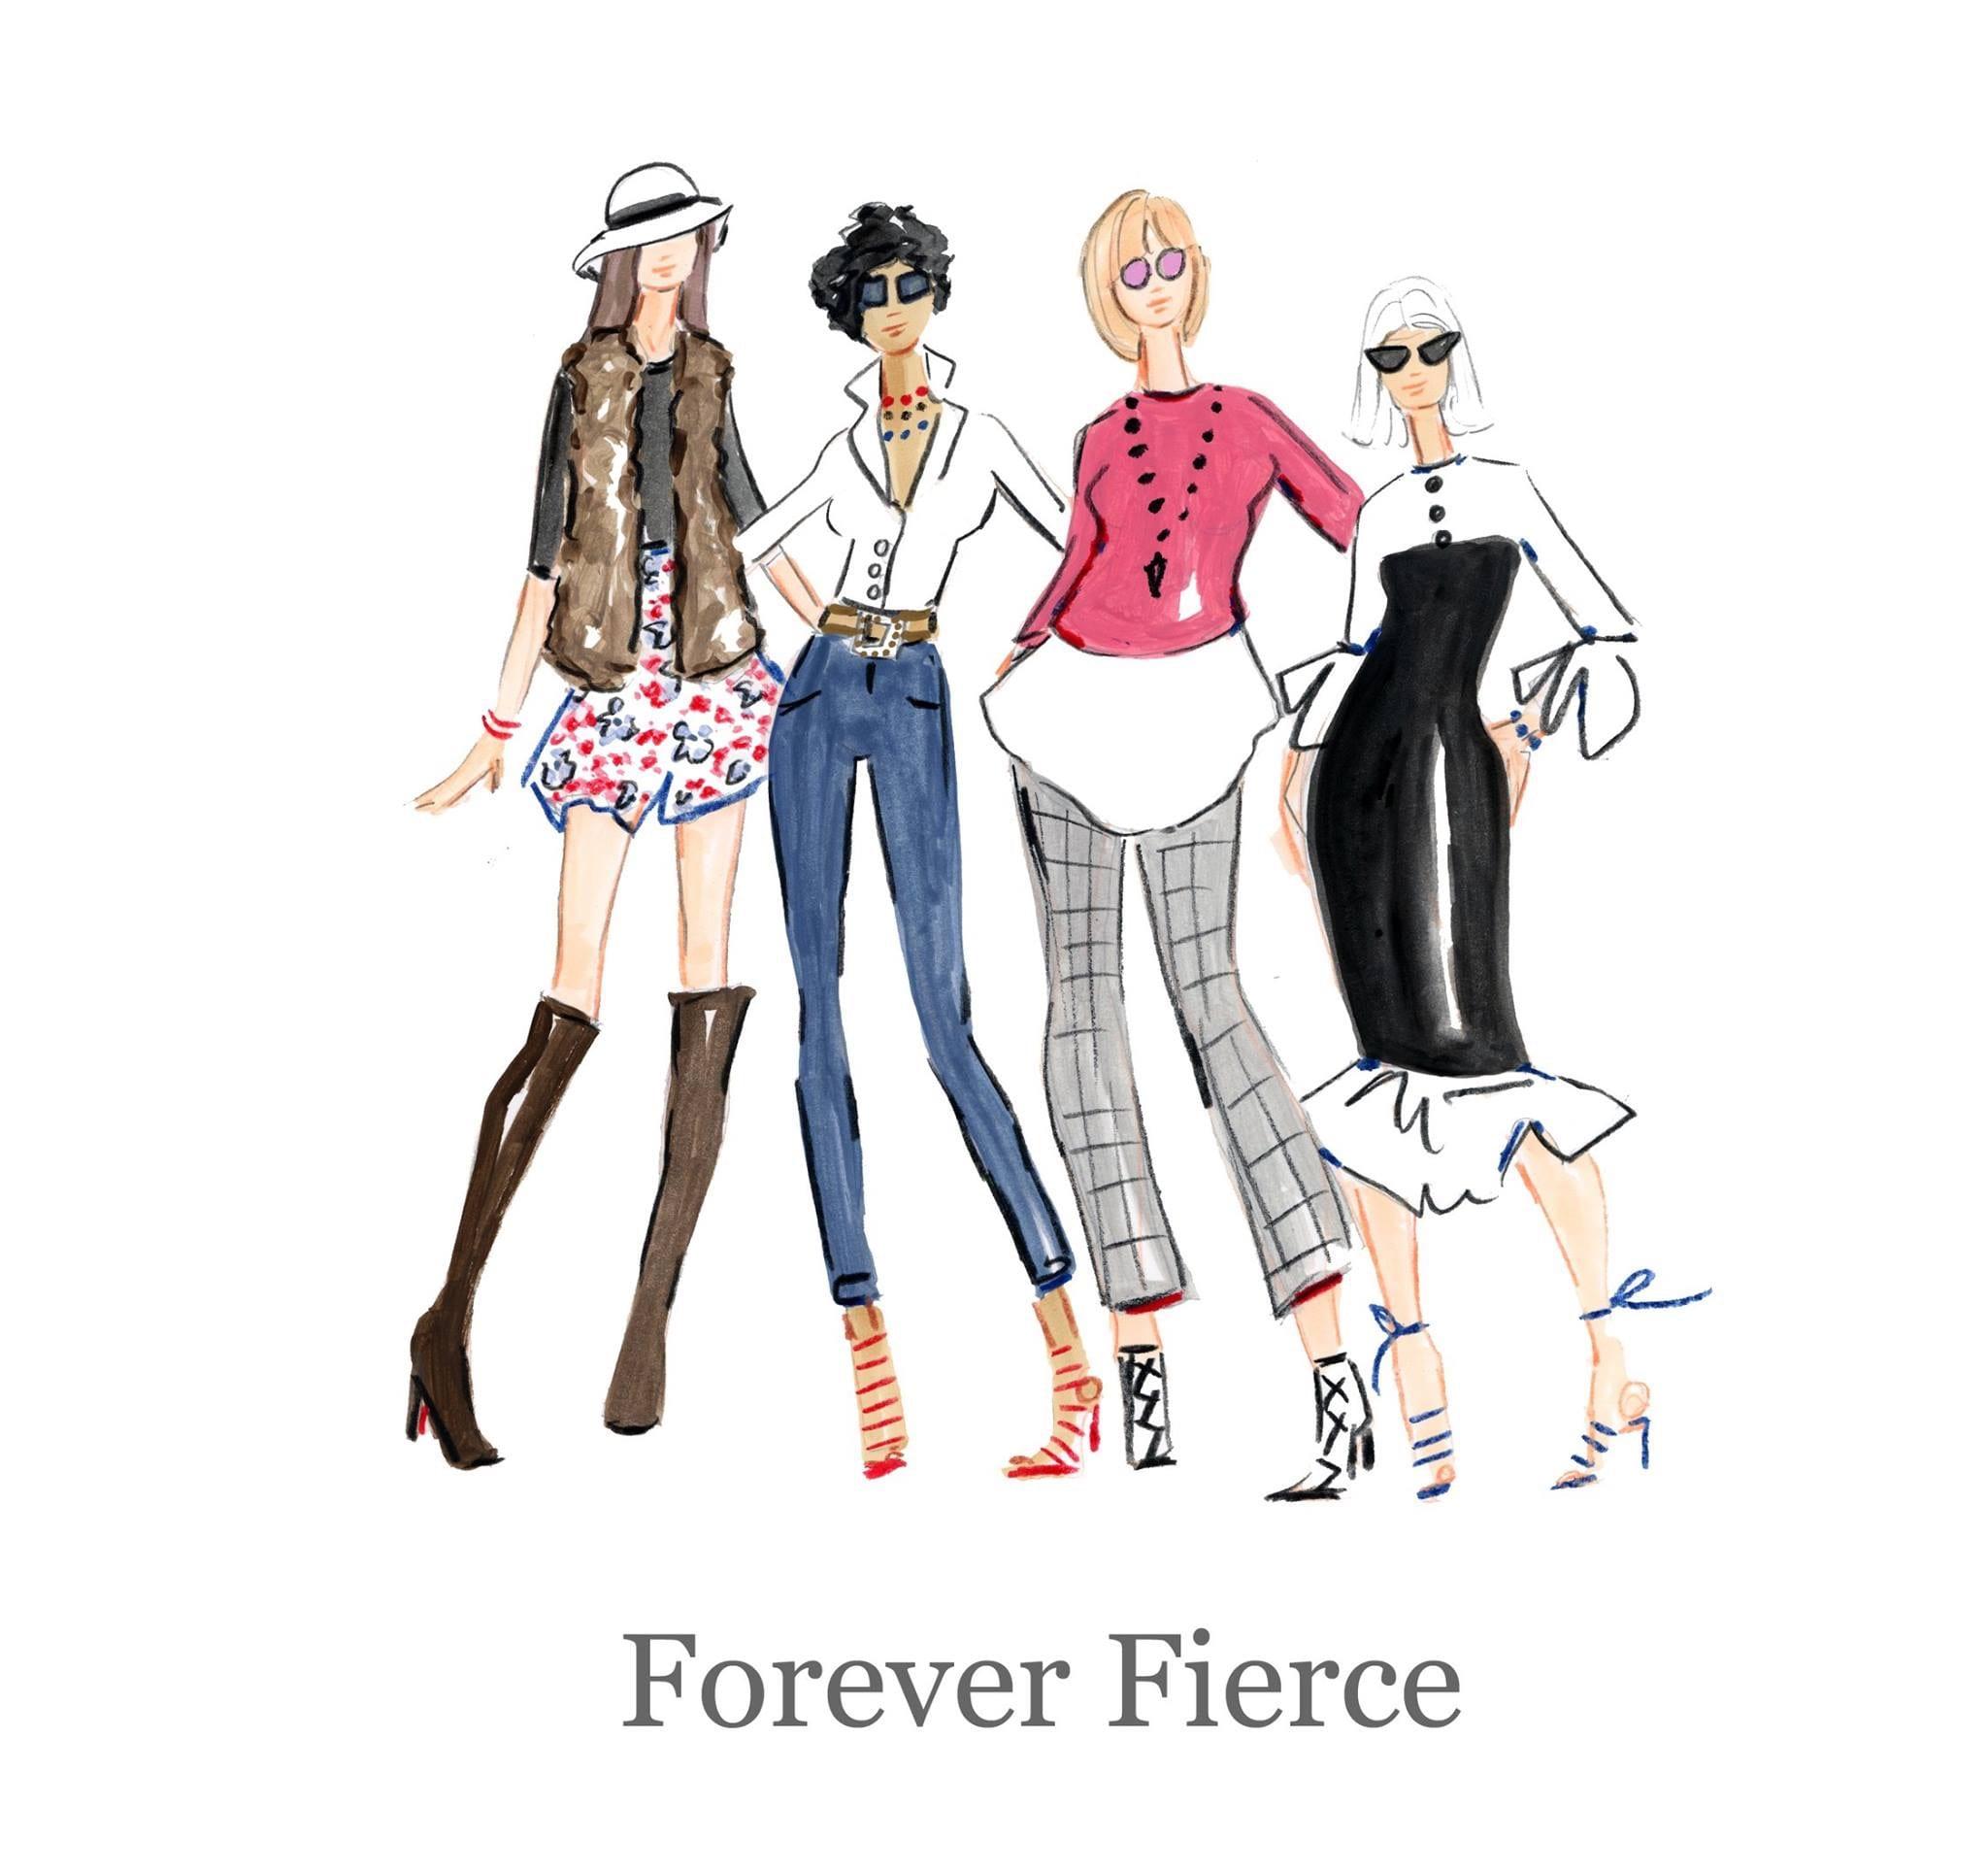 #foreverfierce